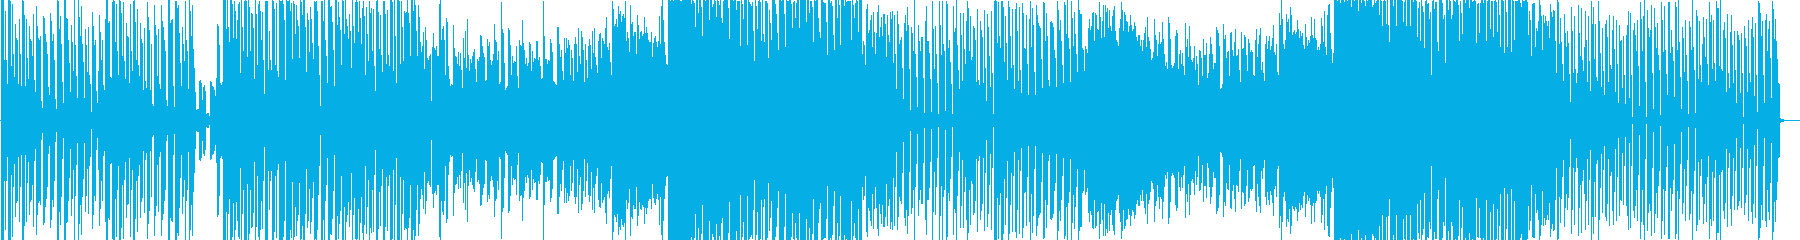 キラキラ可愛いポップなダンスミュージックの再生済みの波形